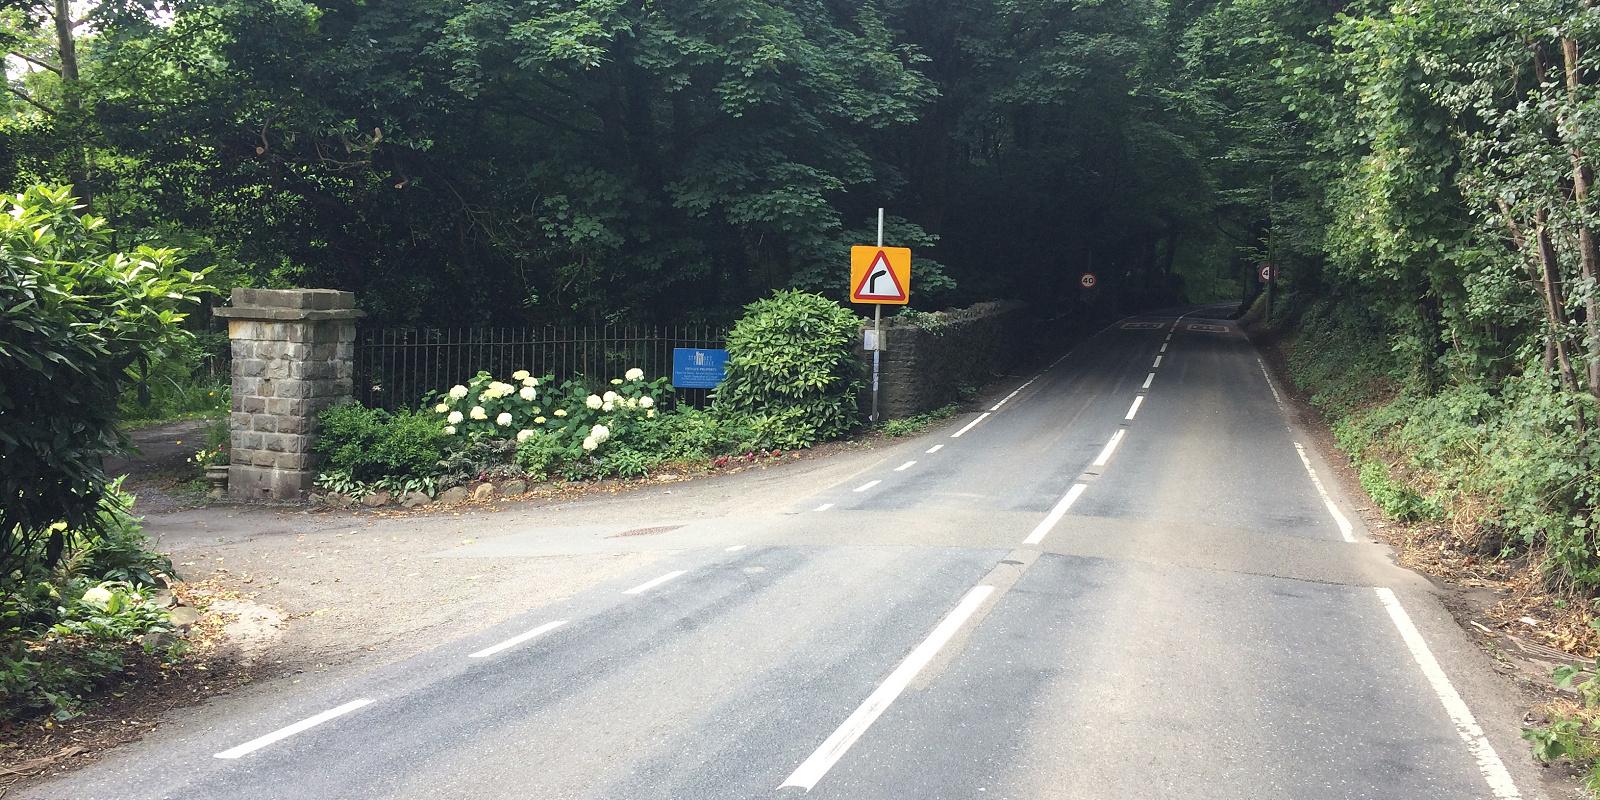 Entrance gate at Stradey Castle